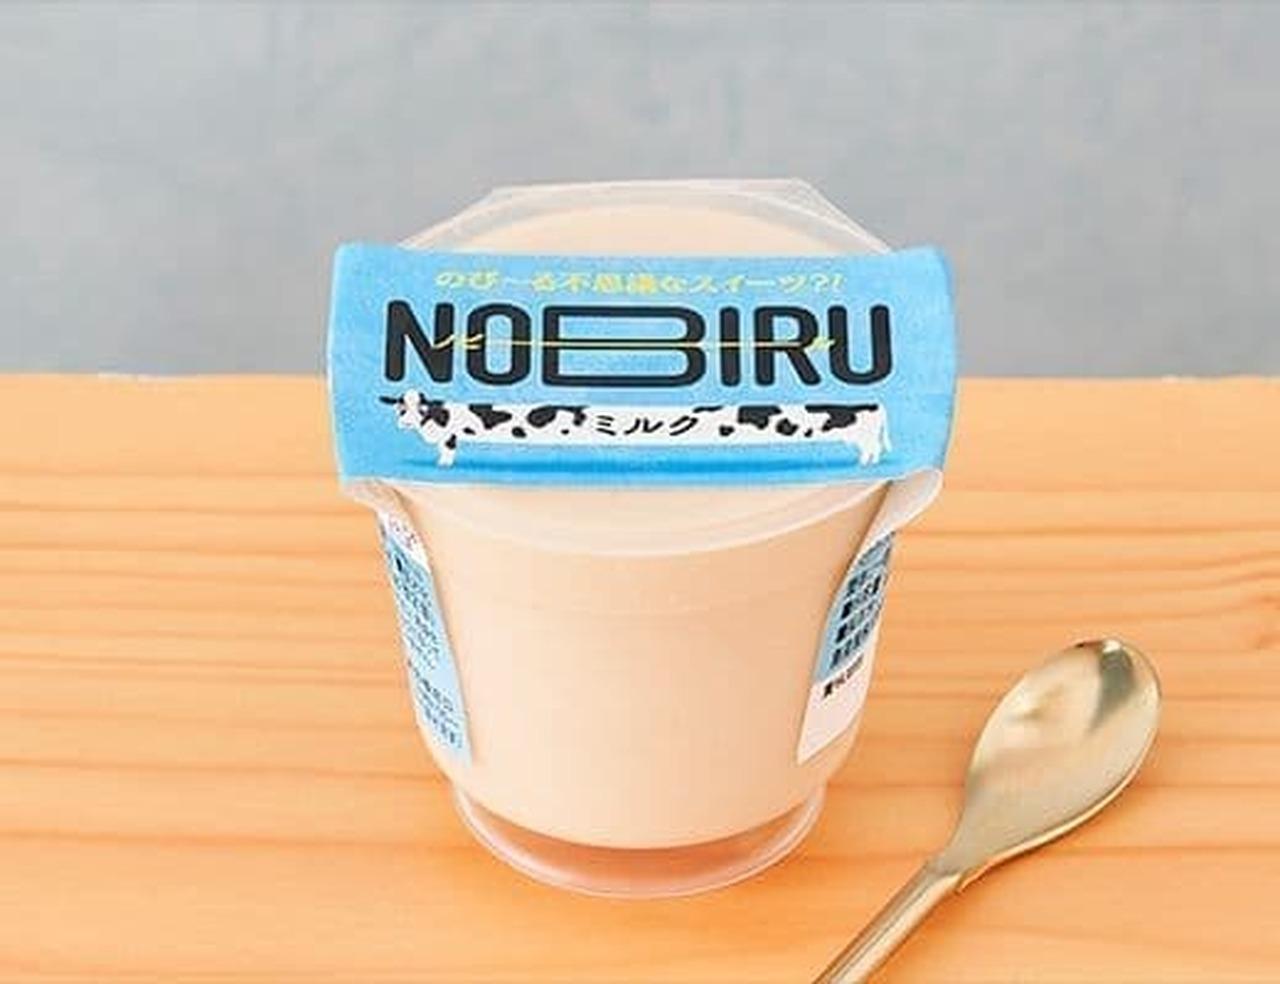 徳島産業 のび~るミルク